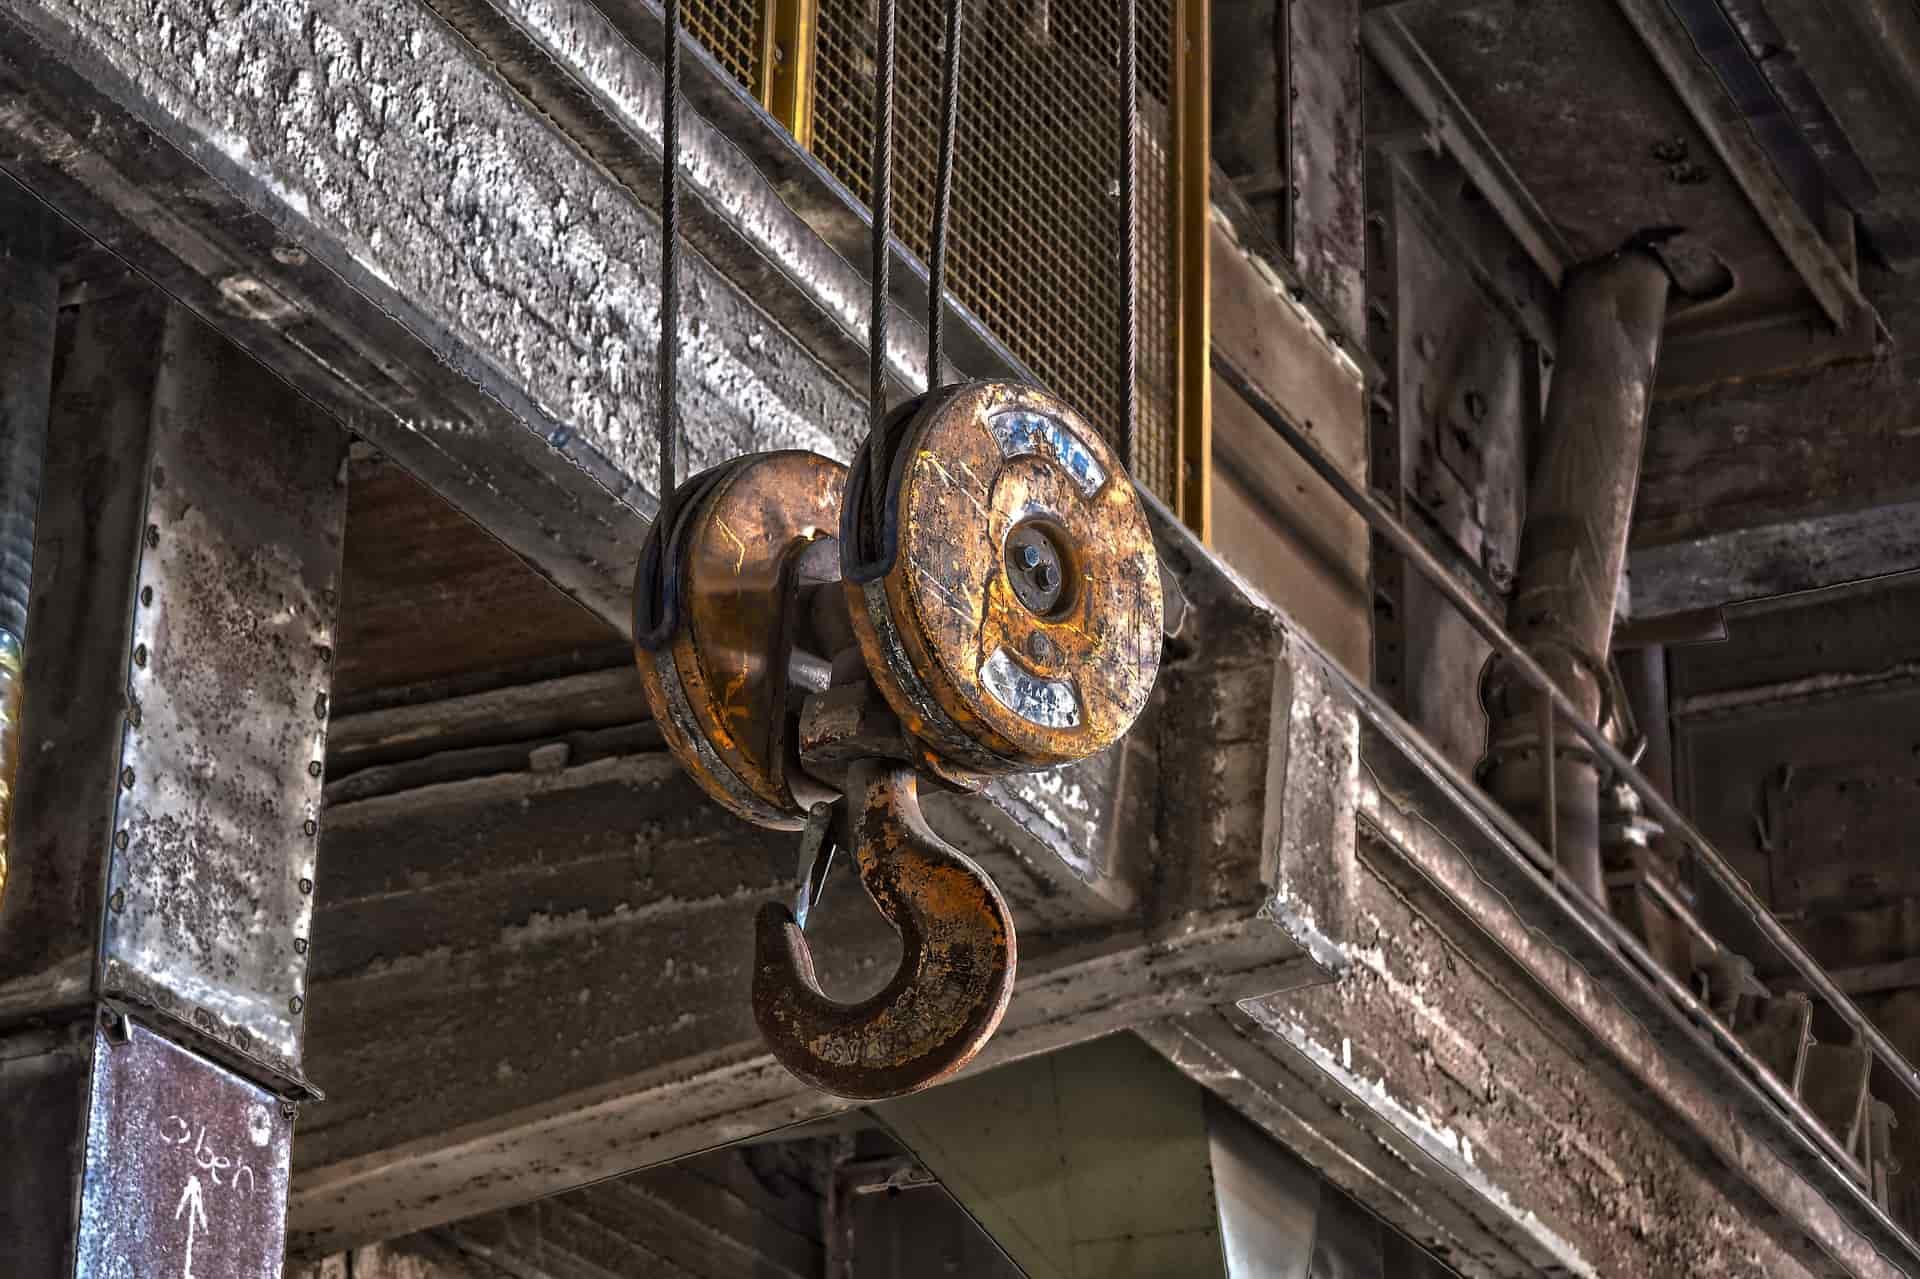 Zdjęcie haka będące nawiązaniem dogit hooks